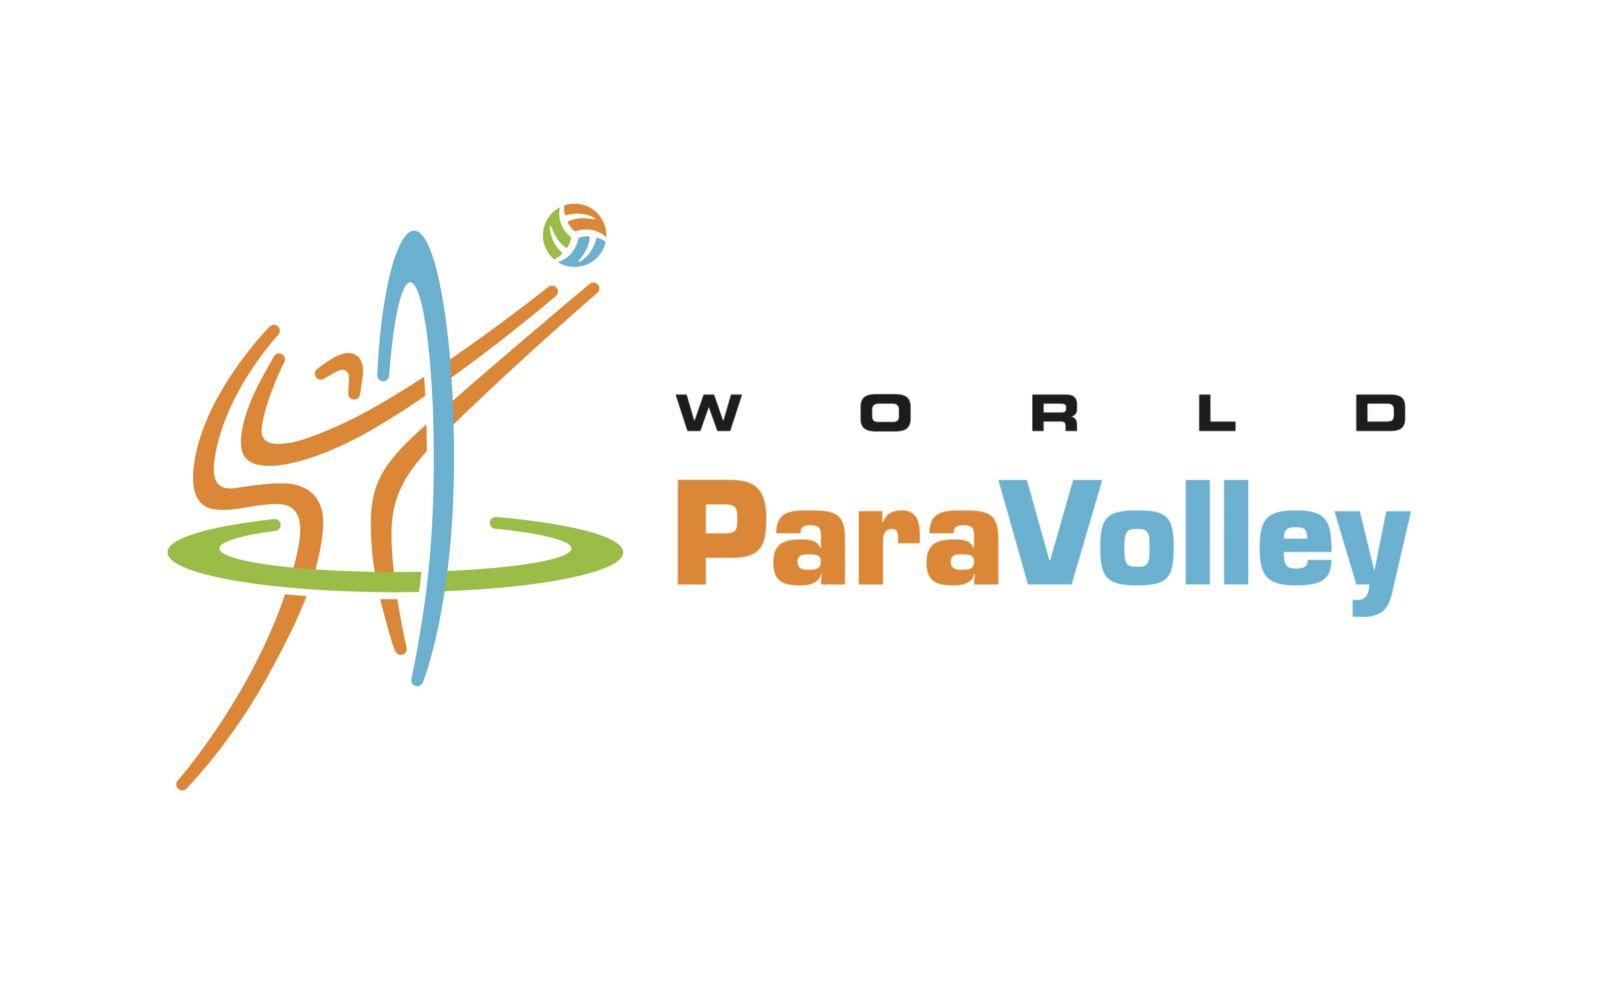 Всемирная федерация пара волейбола проведет Генеральную Ассамблею 6 декабря 2020 года в режиме онлайн